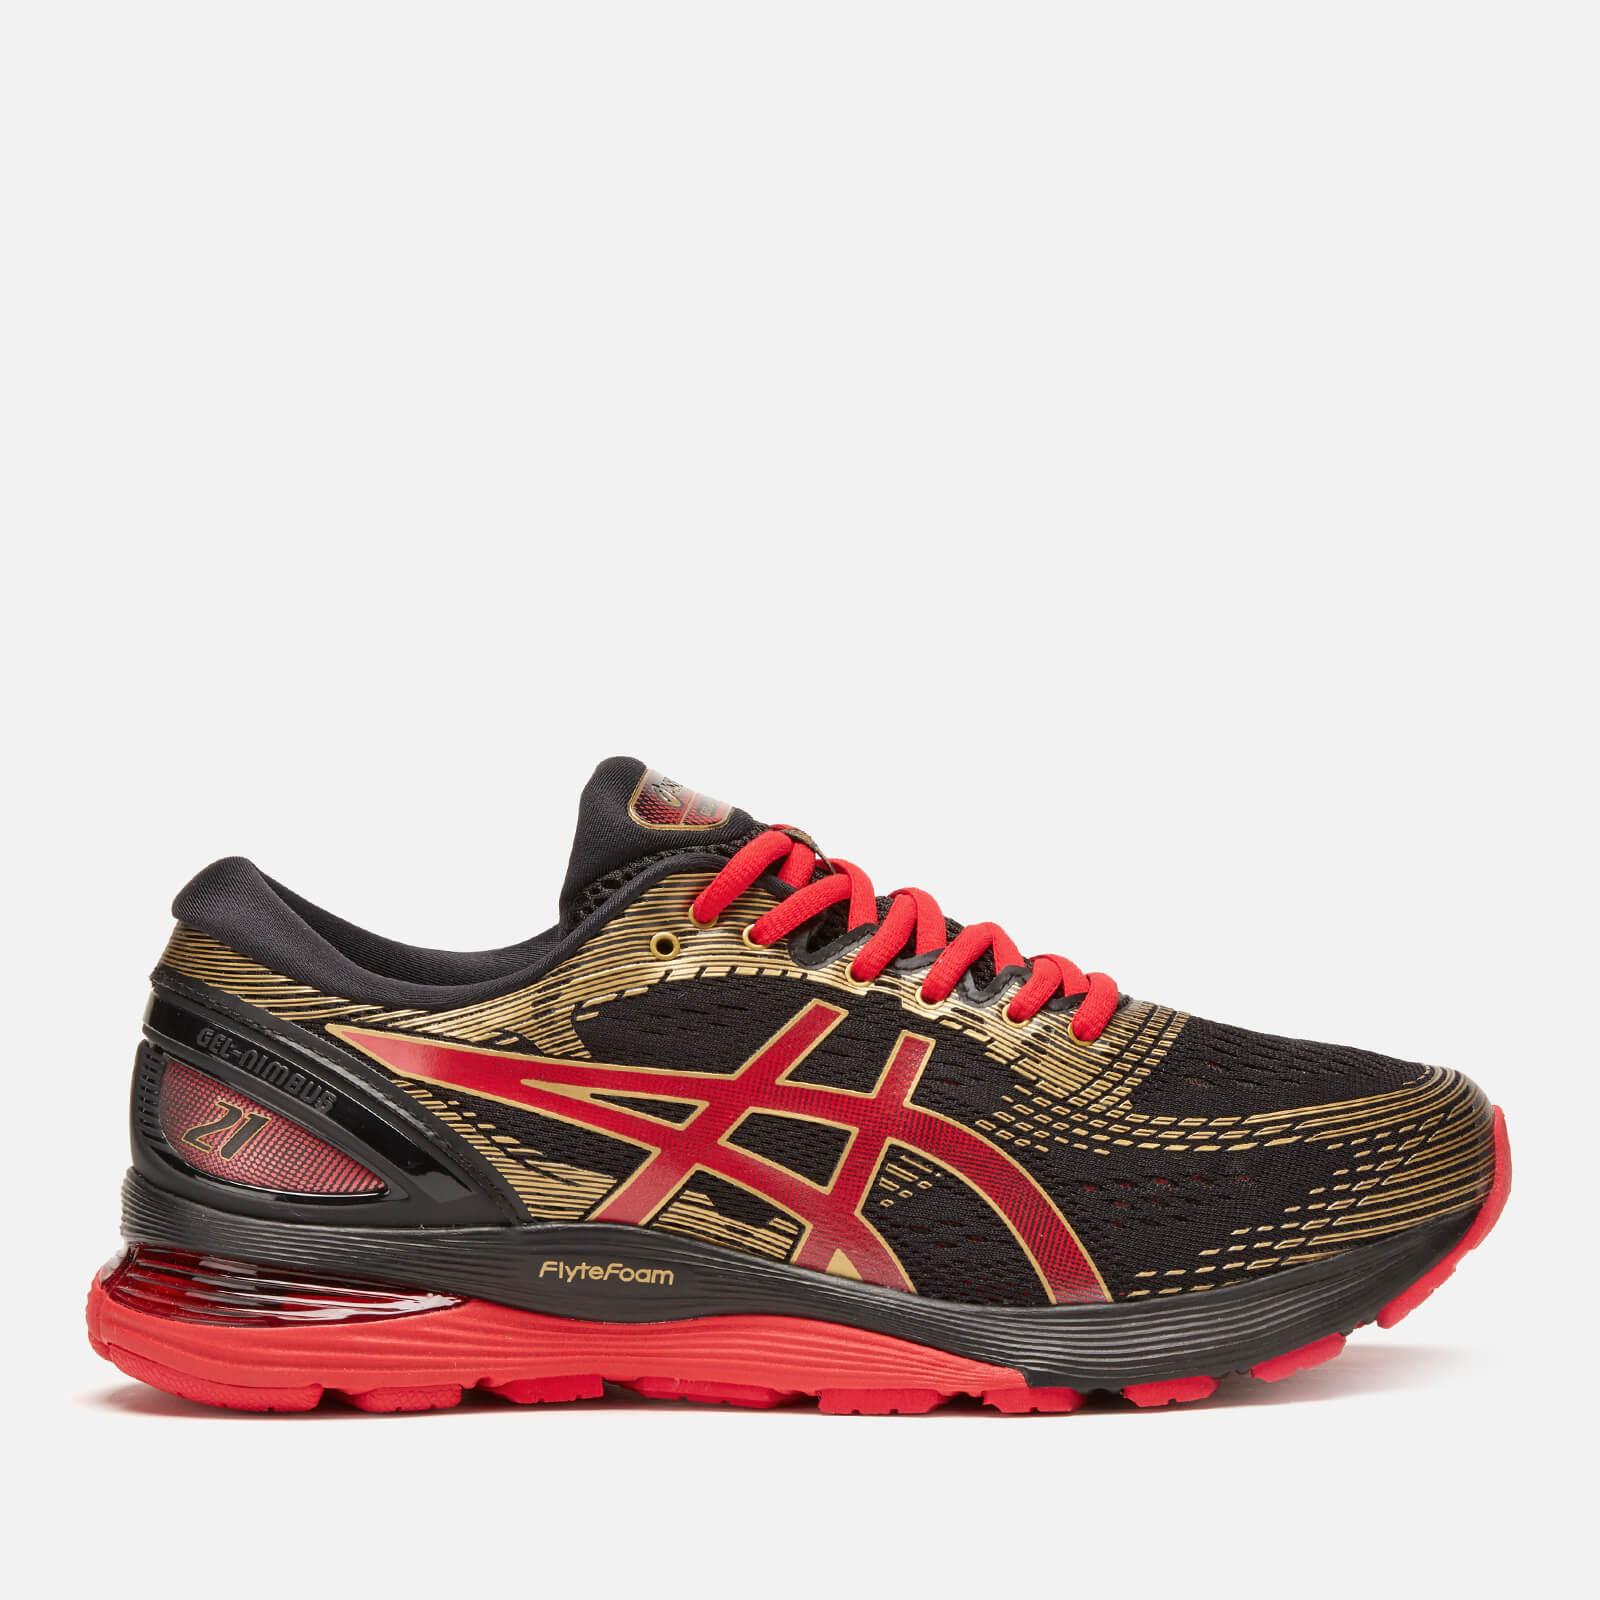 Asics Men's Running Gel-Nimbus 21 Trainers - Black/Classic Red - UK 10.5 - Black